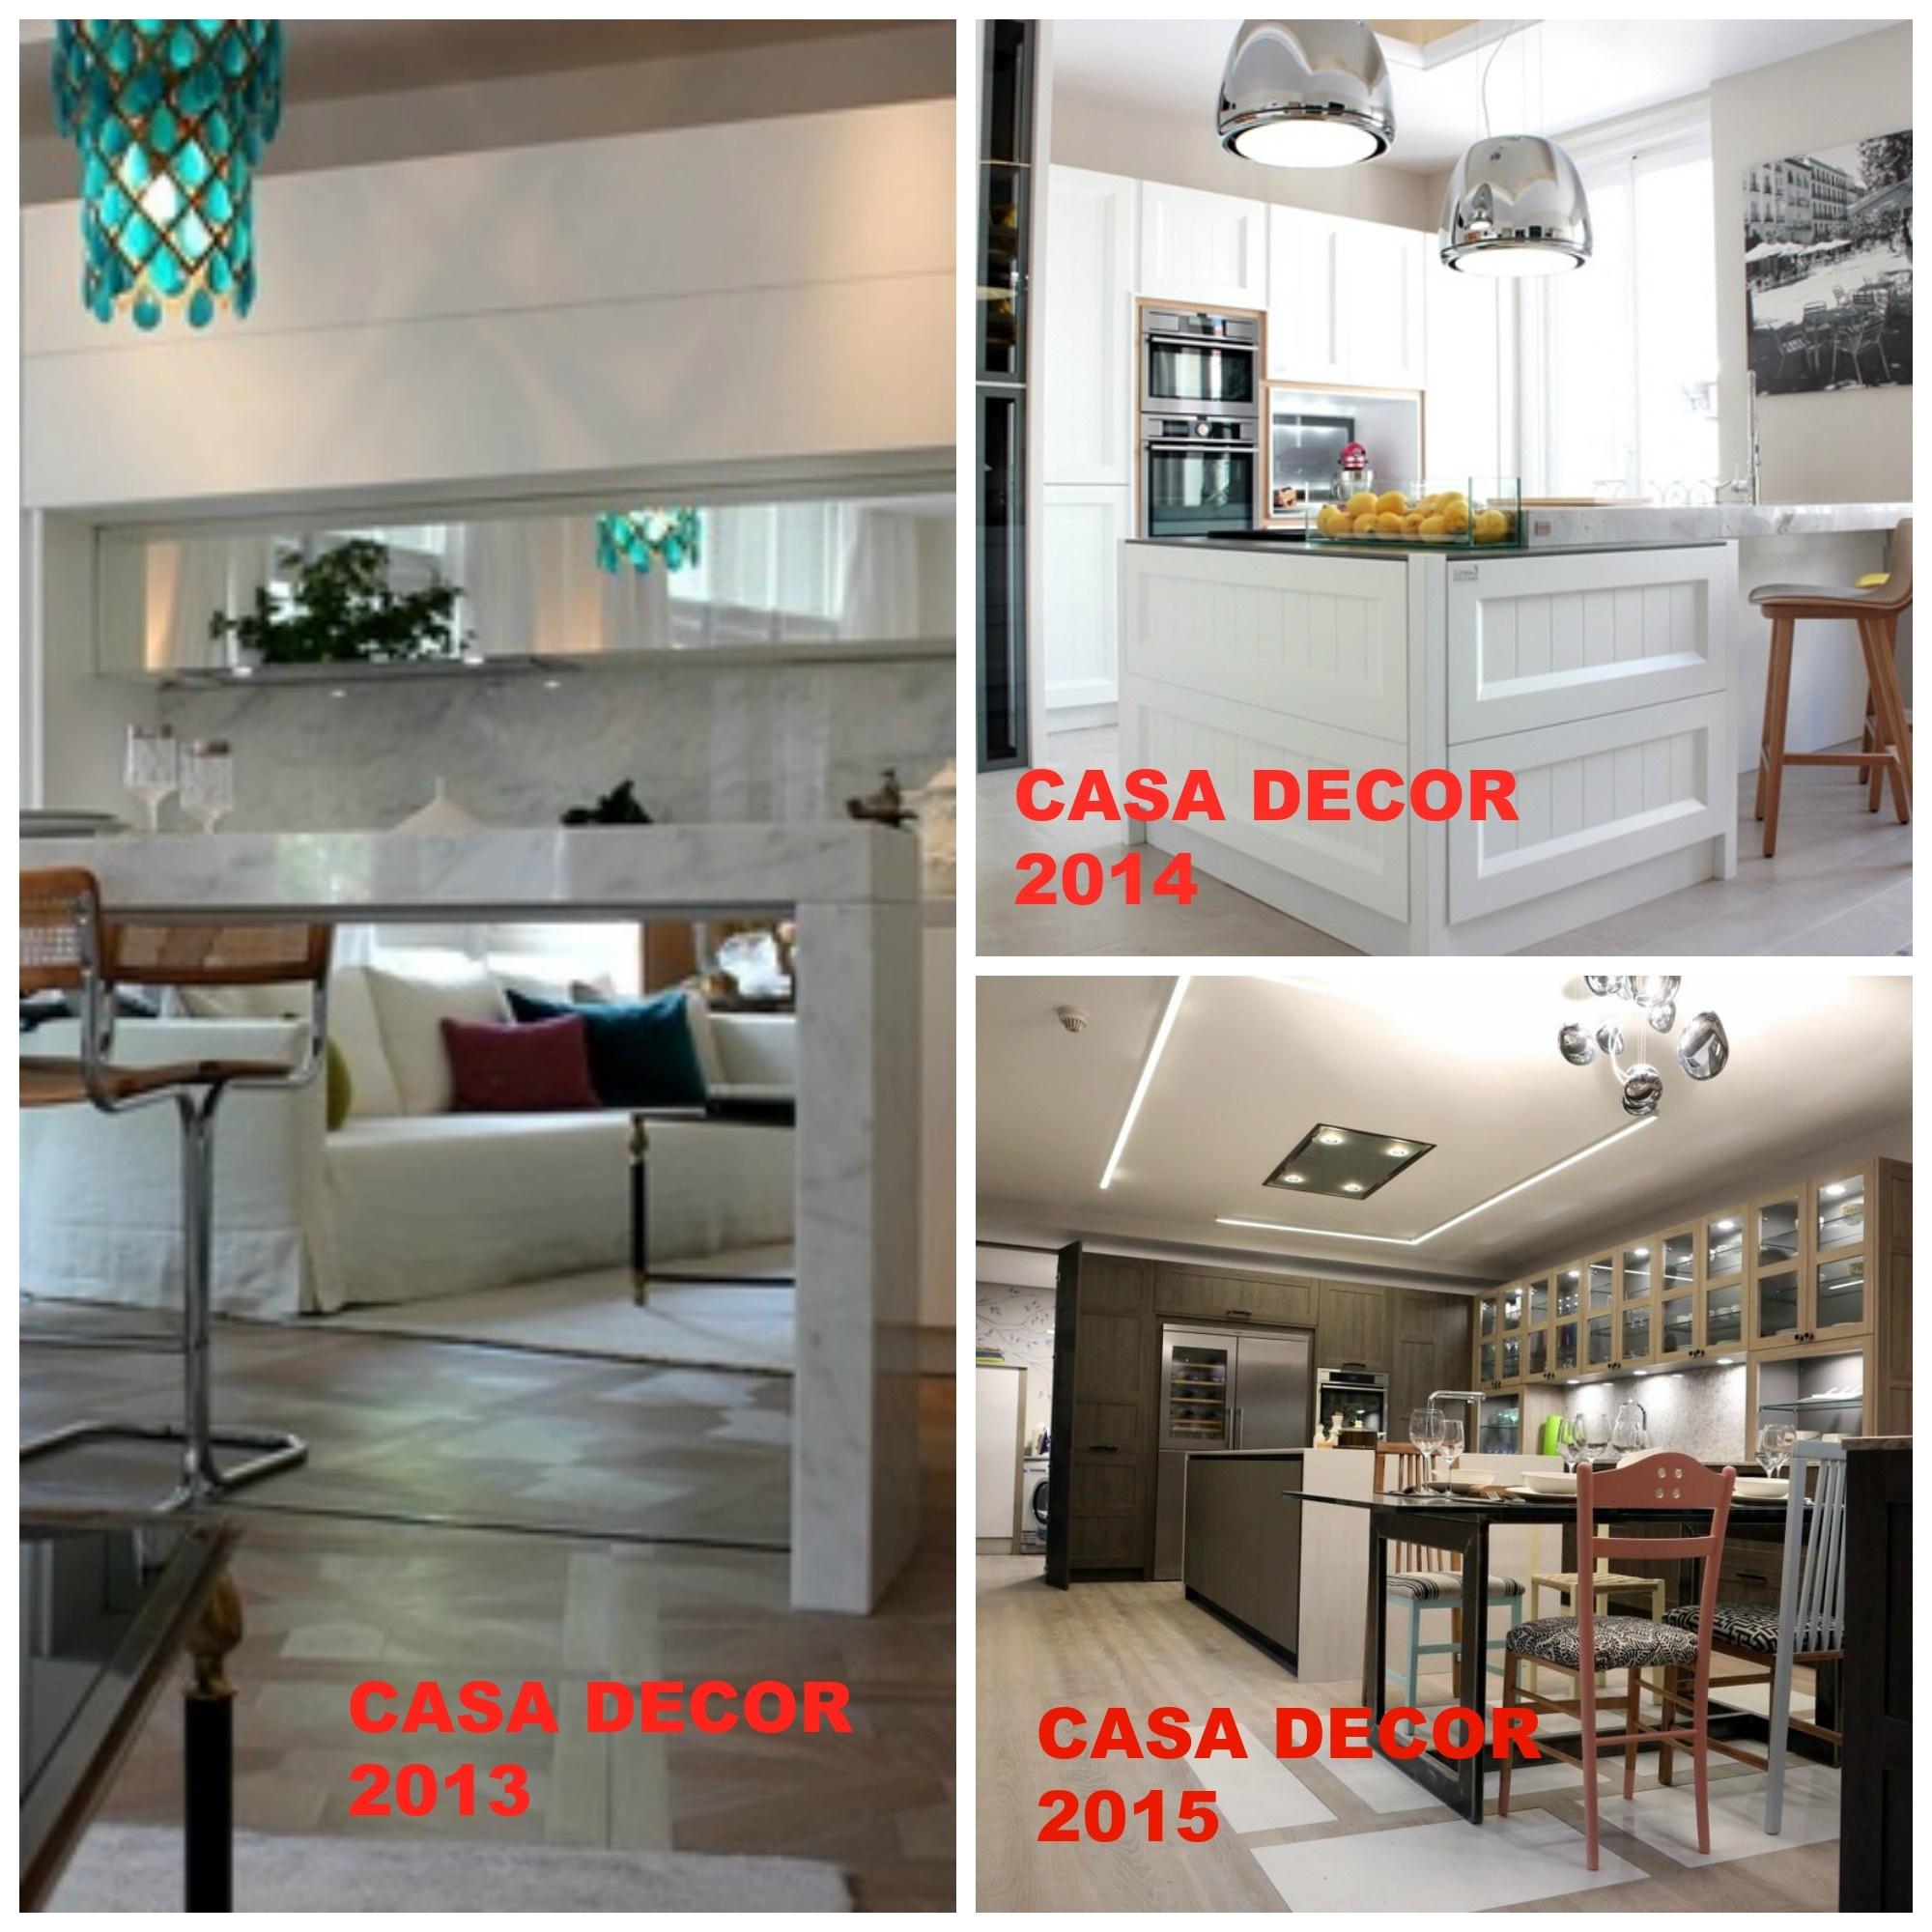 LA MEJOR COCINA DE CASA DECOR 2016 - Blogs de Línea 3 Cocinas ...